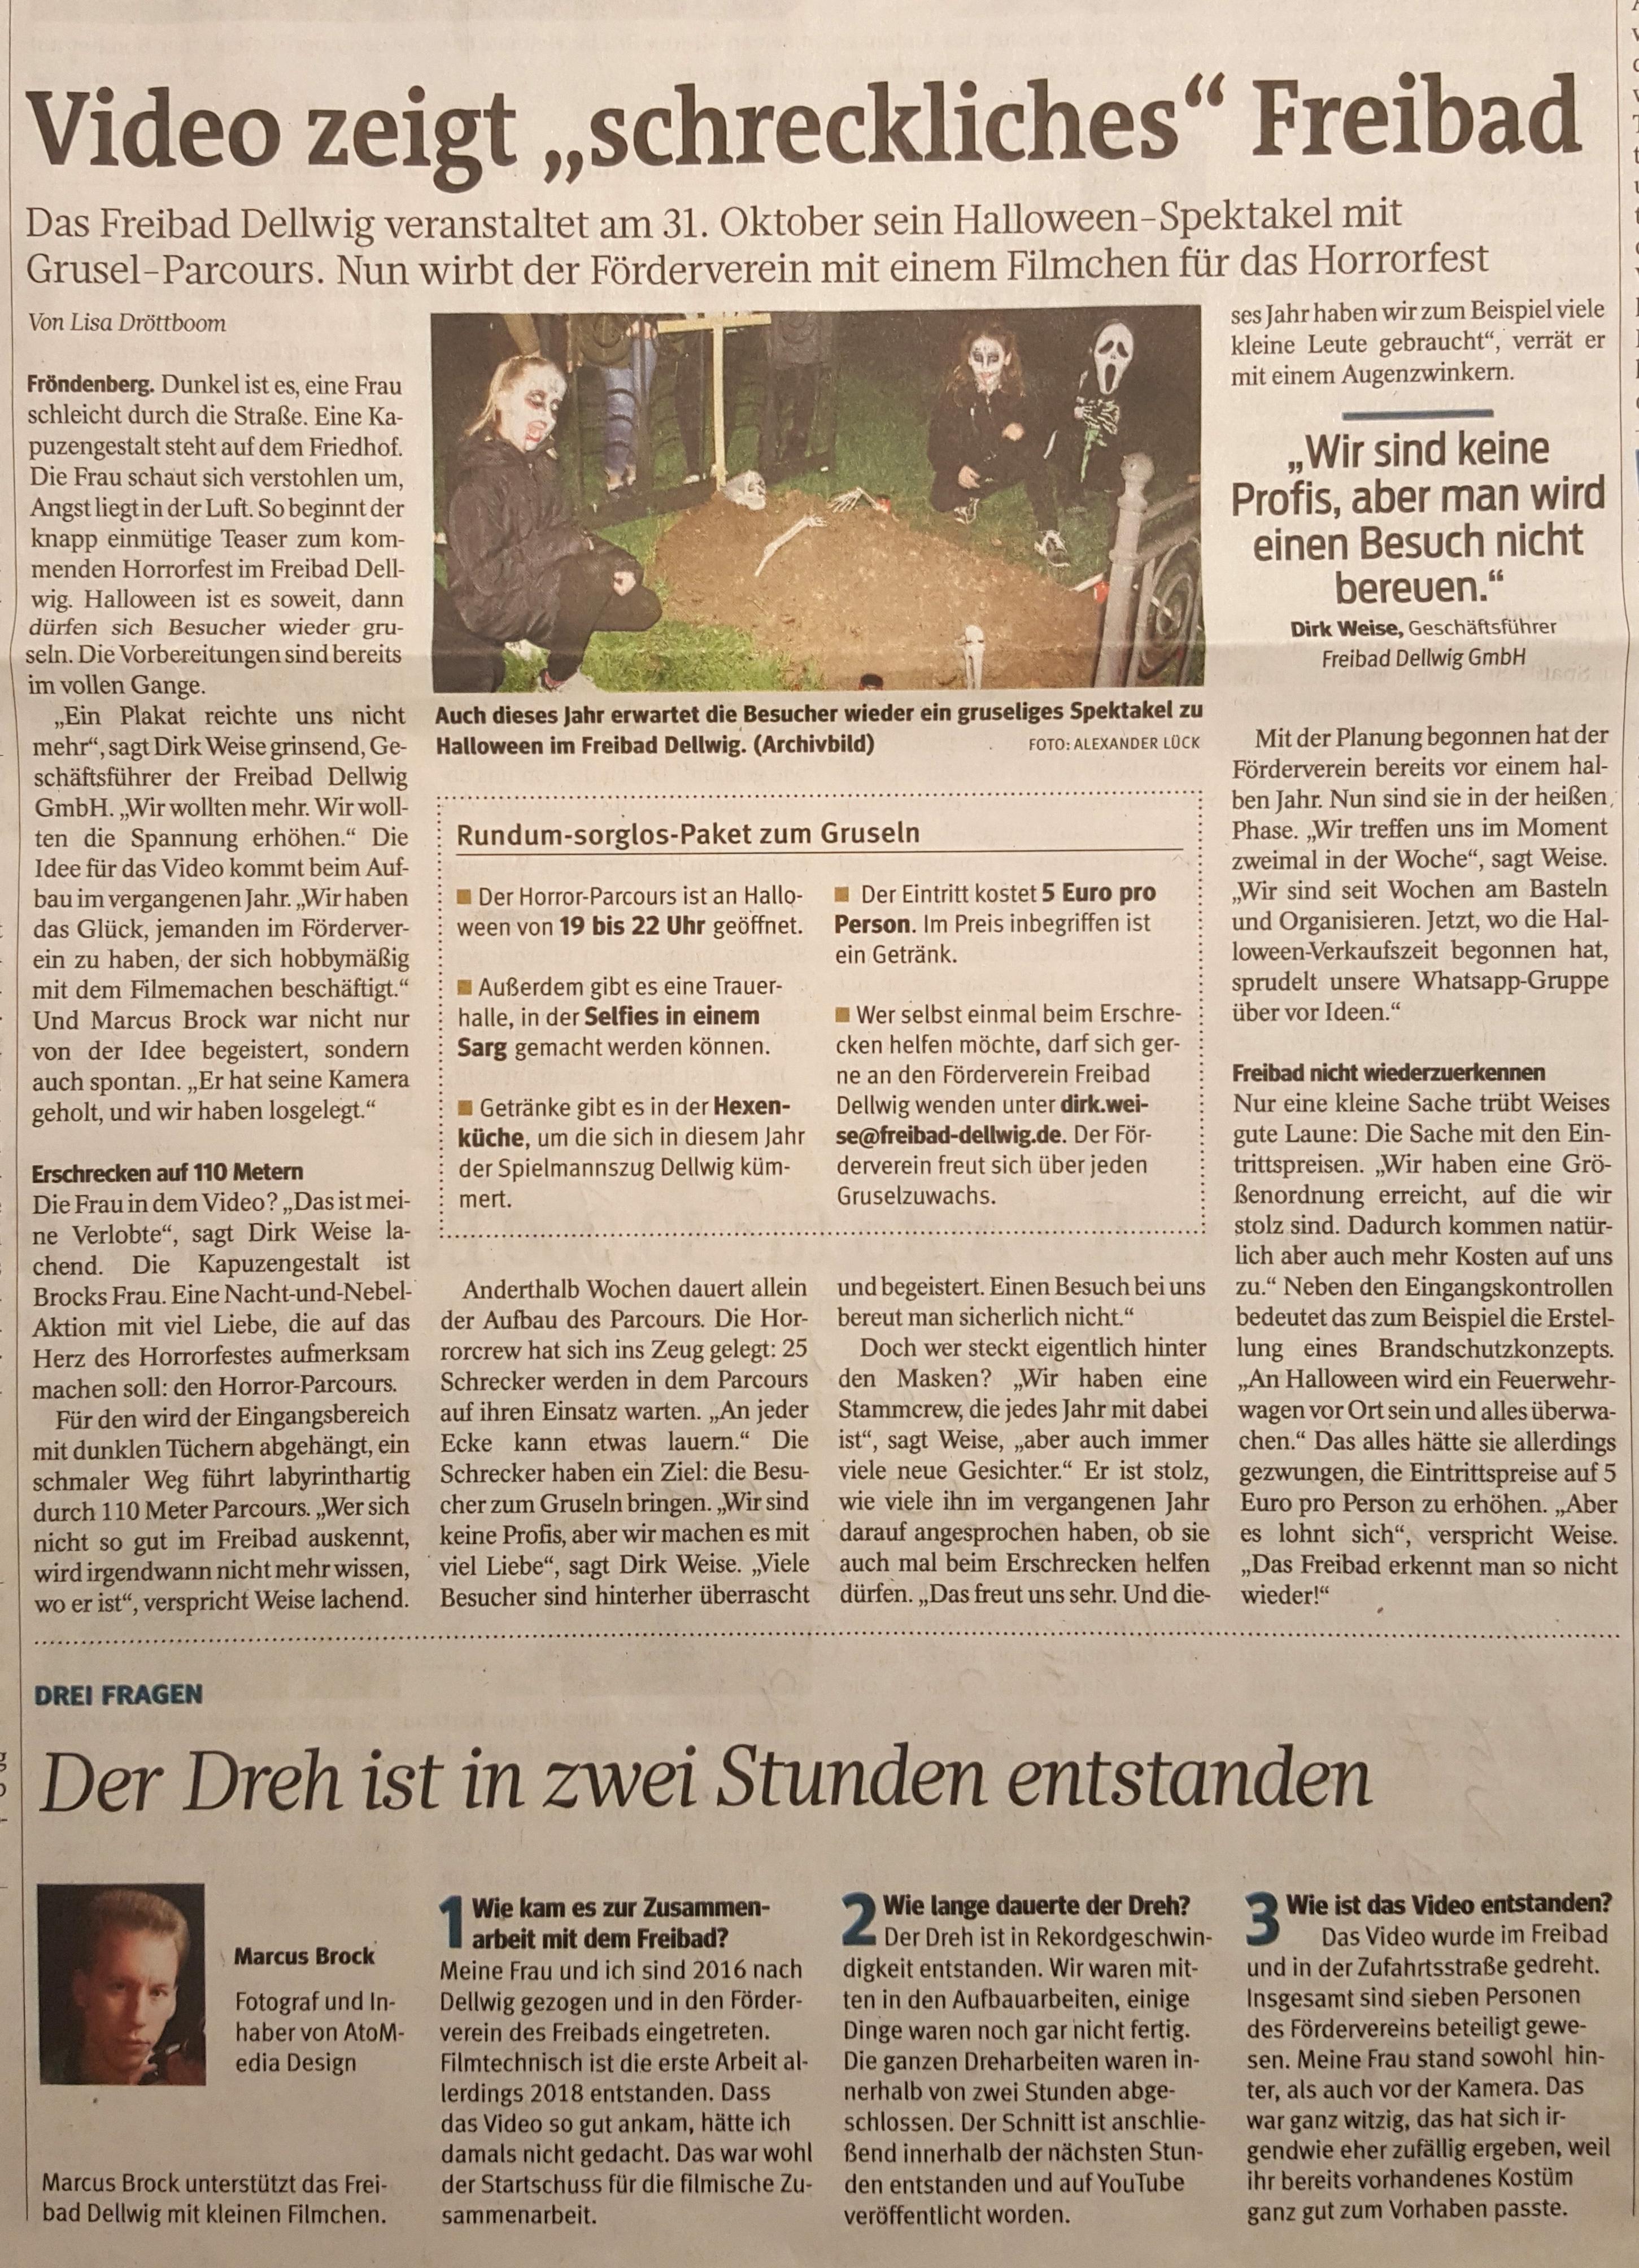 Zeitungsartikel über AtoMedia Design und das Horrorfest-Video des Freibads Dellwig